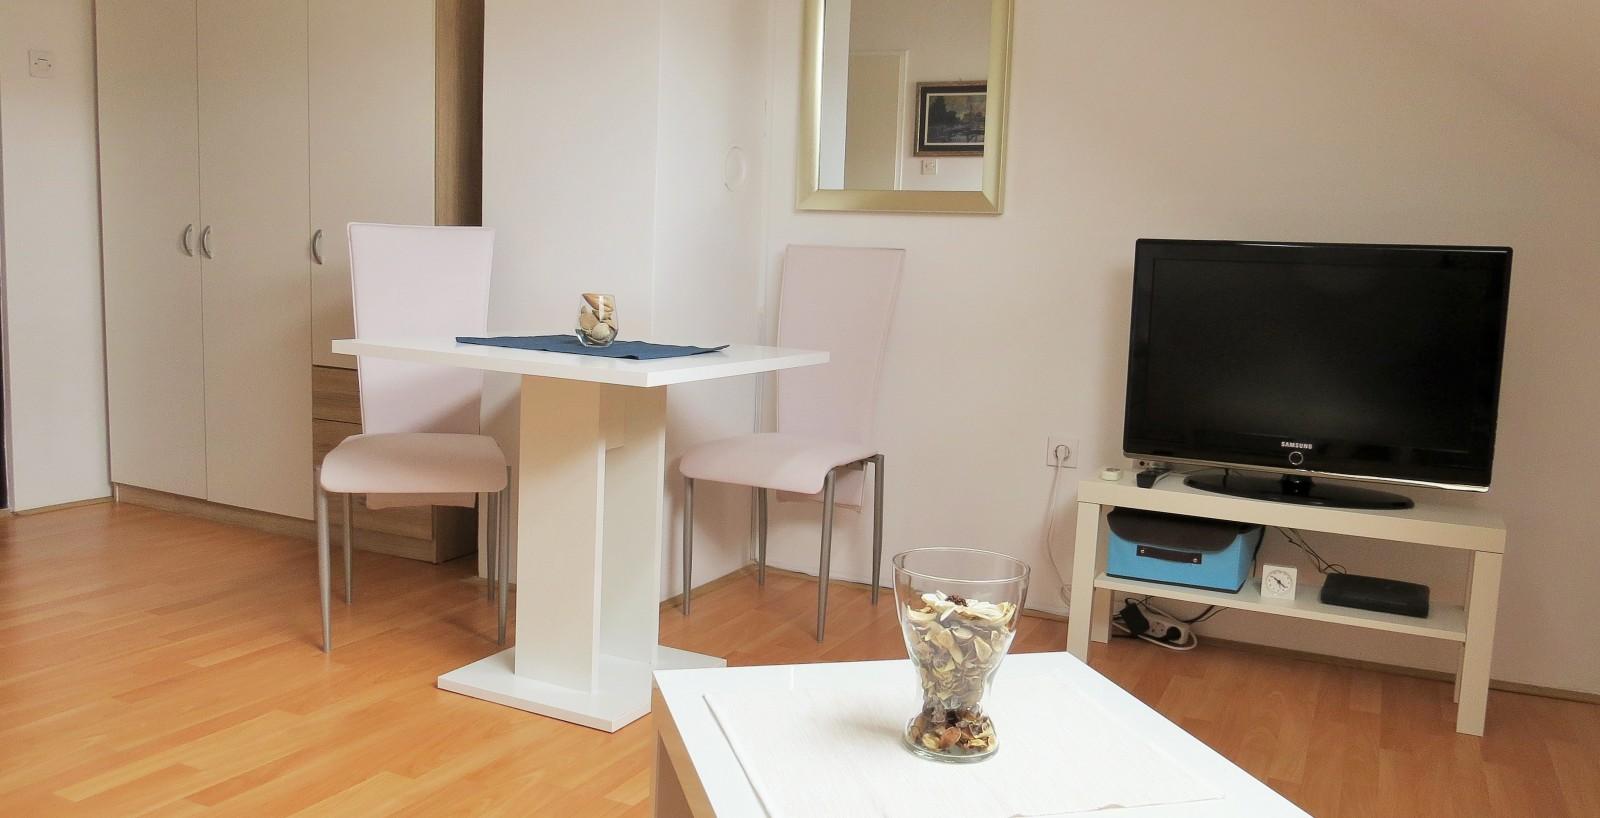 Mia Airport Studio apartment